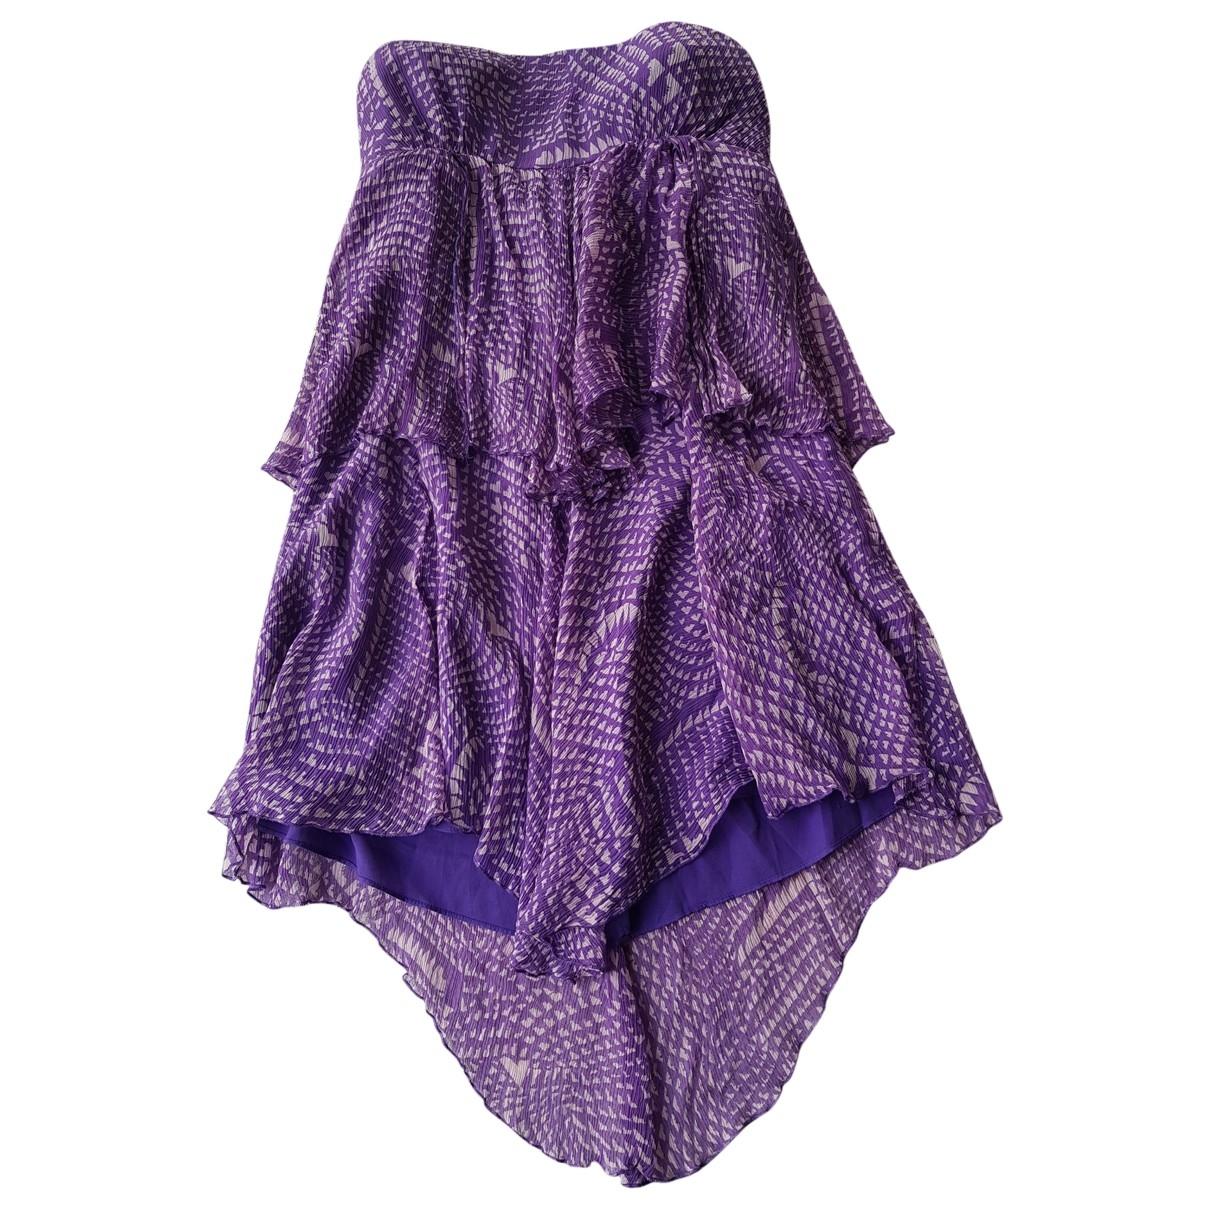 Bcbg Max Azria - Robe   pour femme en soie - violet